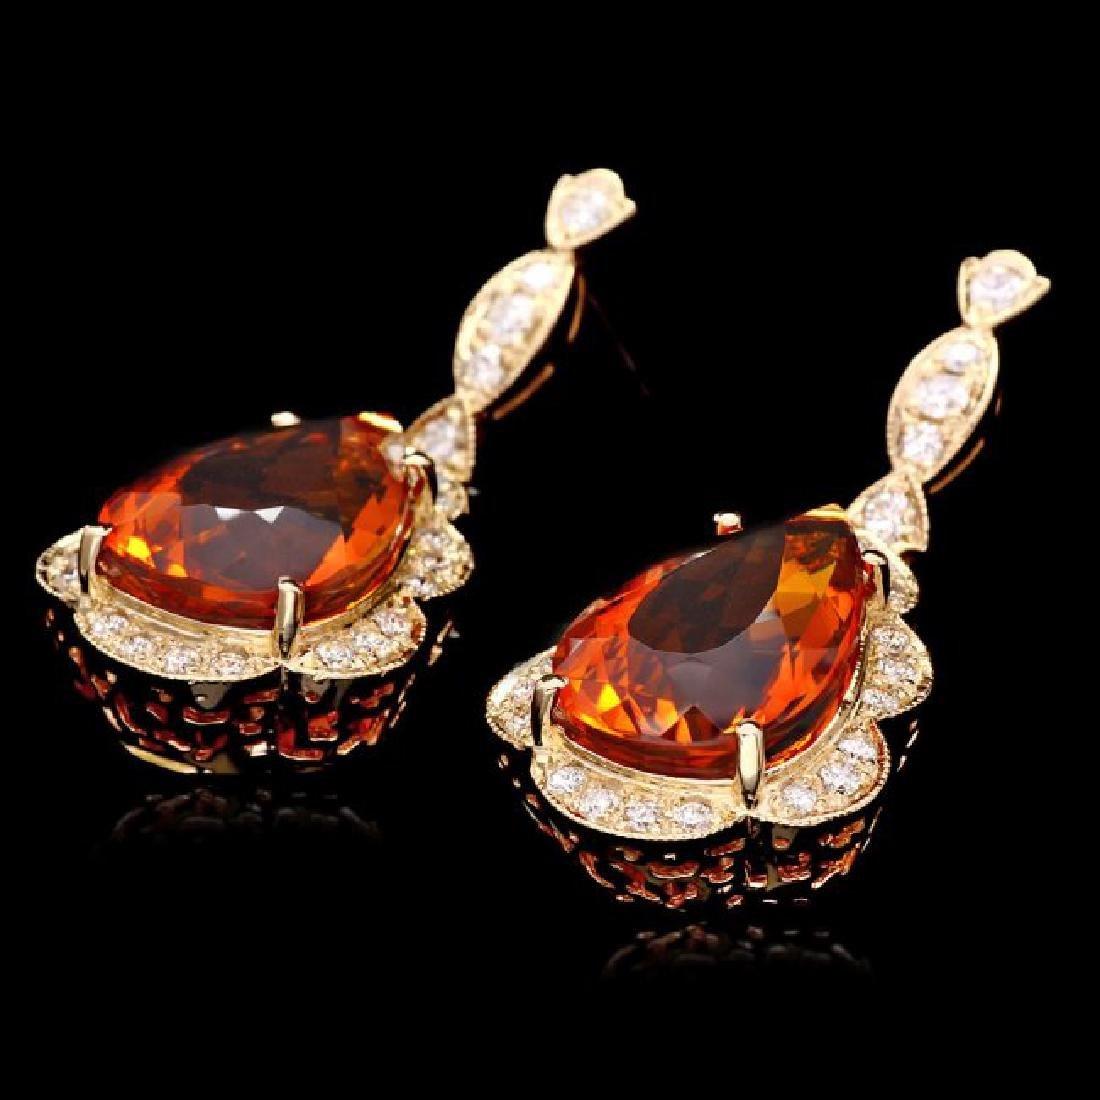 14k Gold 17ct Citrine 1.40ct Diamond Earrings - 3